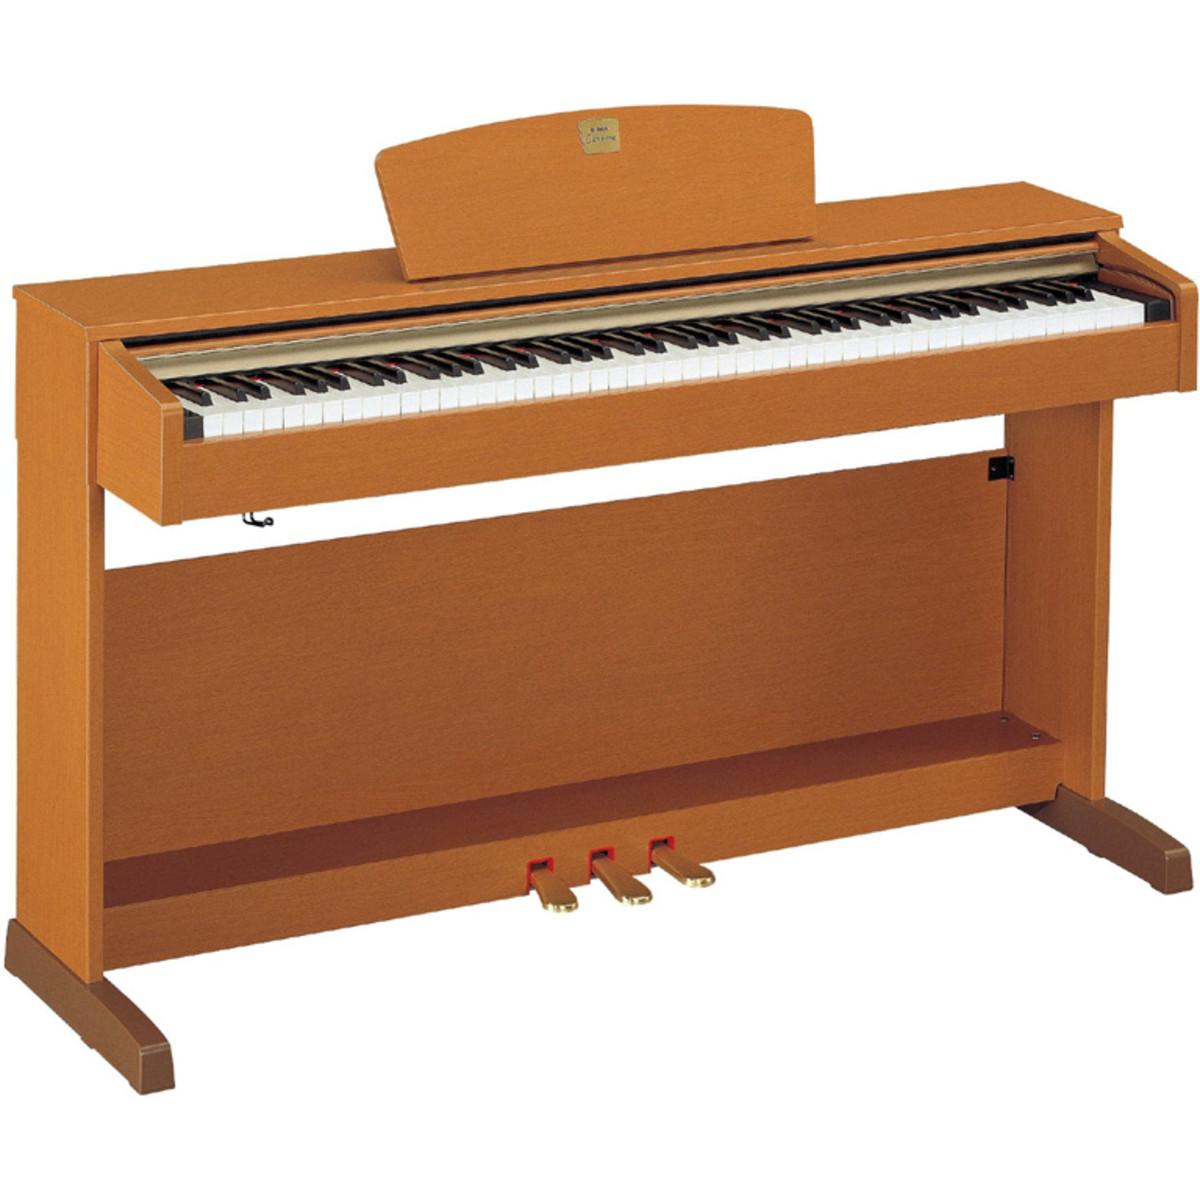 Disc yamaha clavinova clp320c cherry at for Yamaha digital piano clavinova